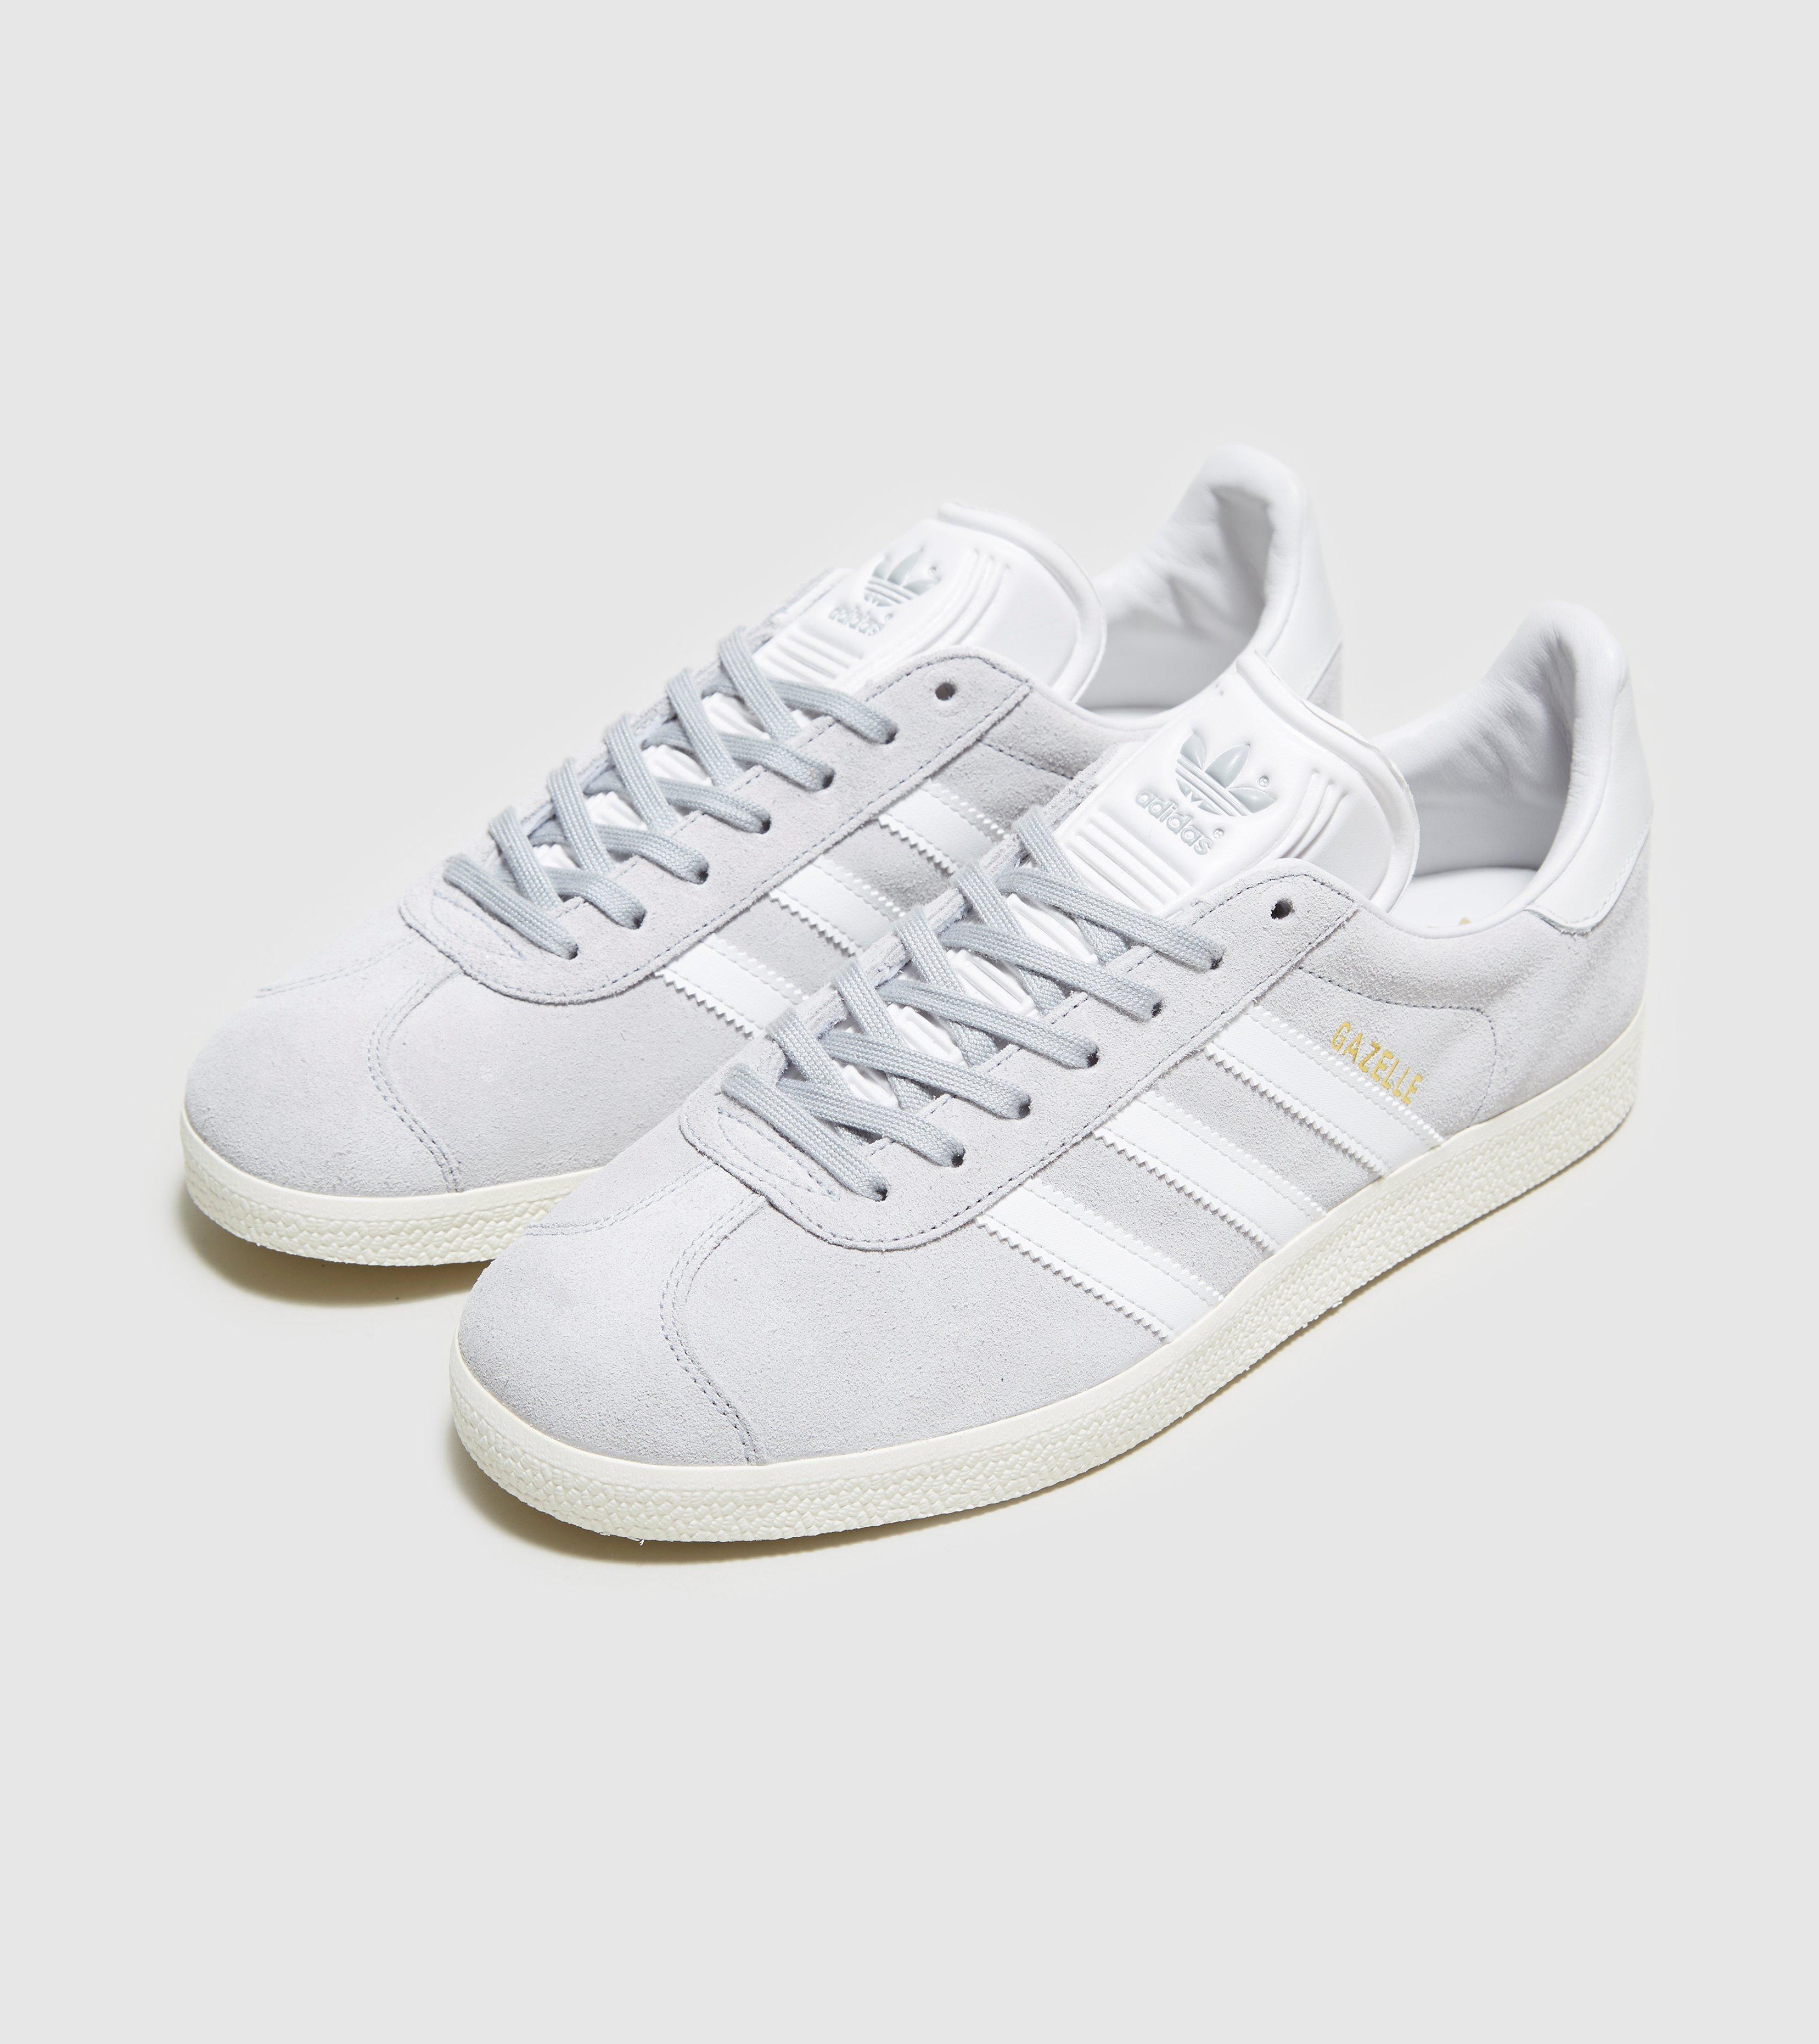 28   [adidas Originals cus J zapatillas gris, Zapatillas mwmzxvxb 989 38 180